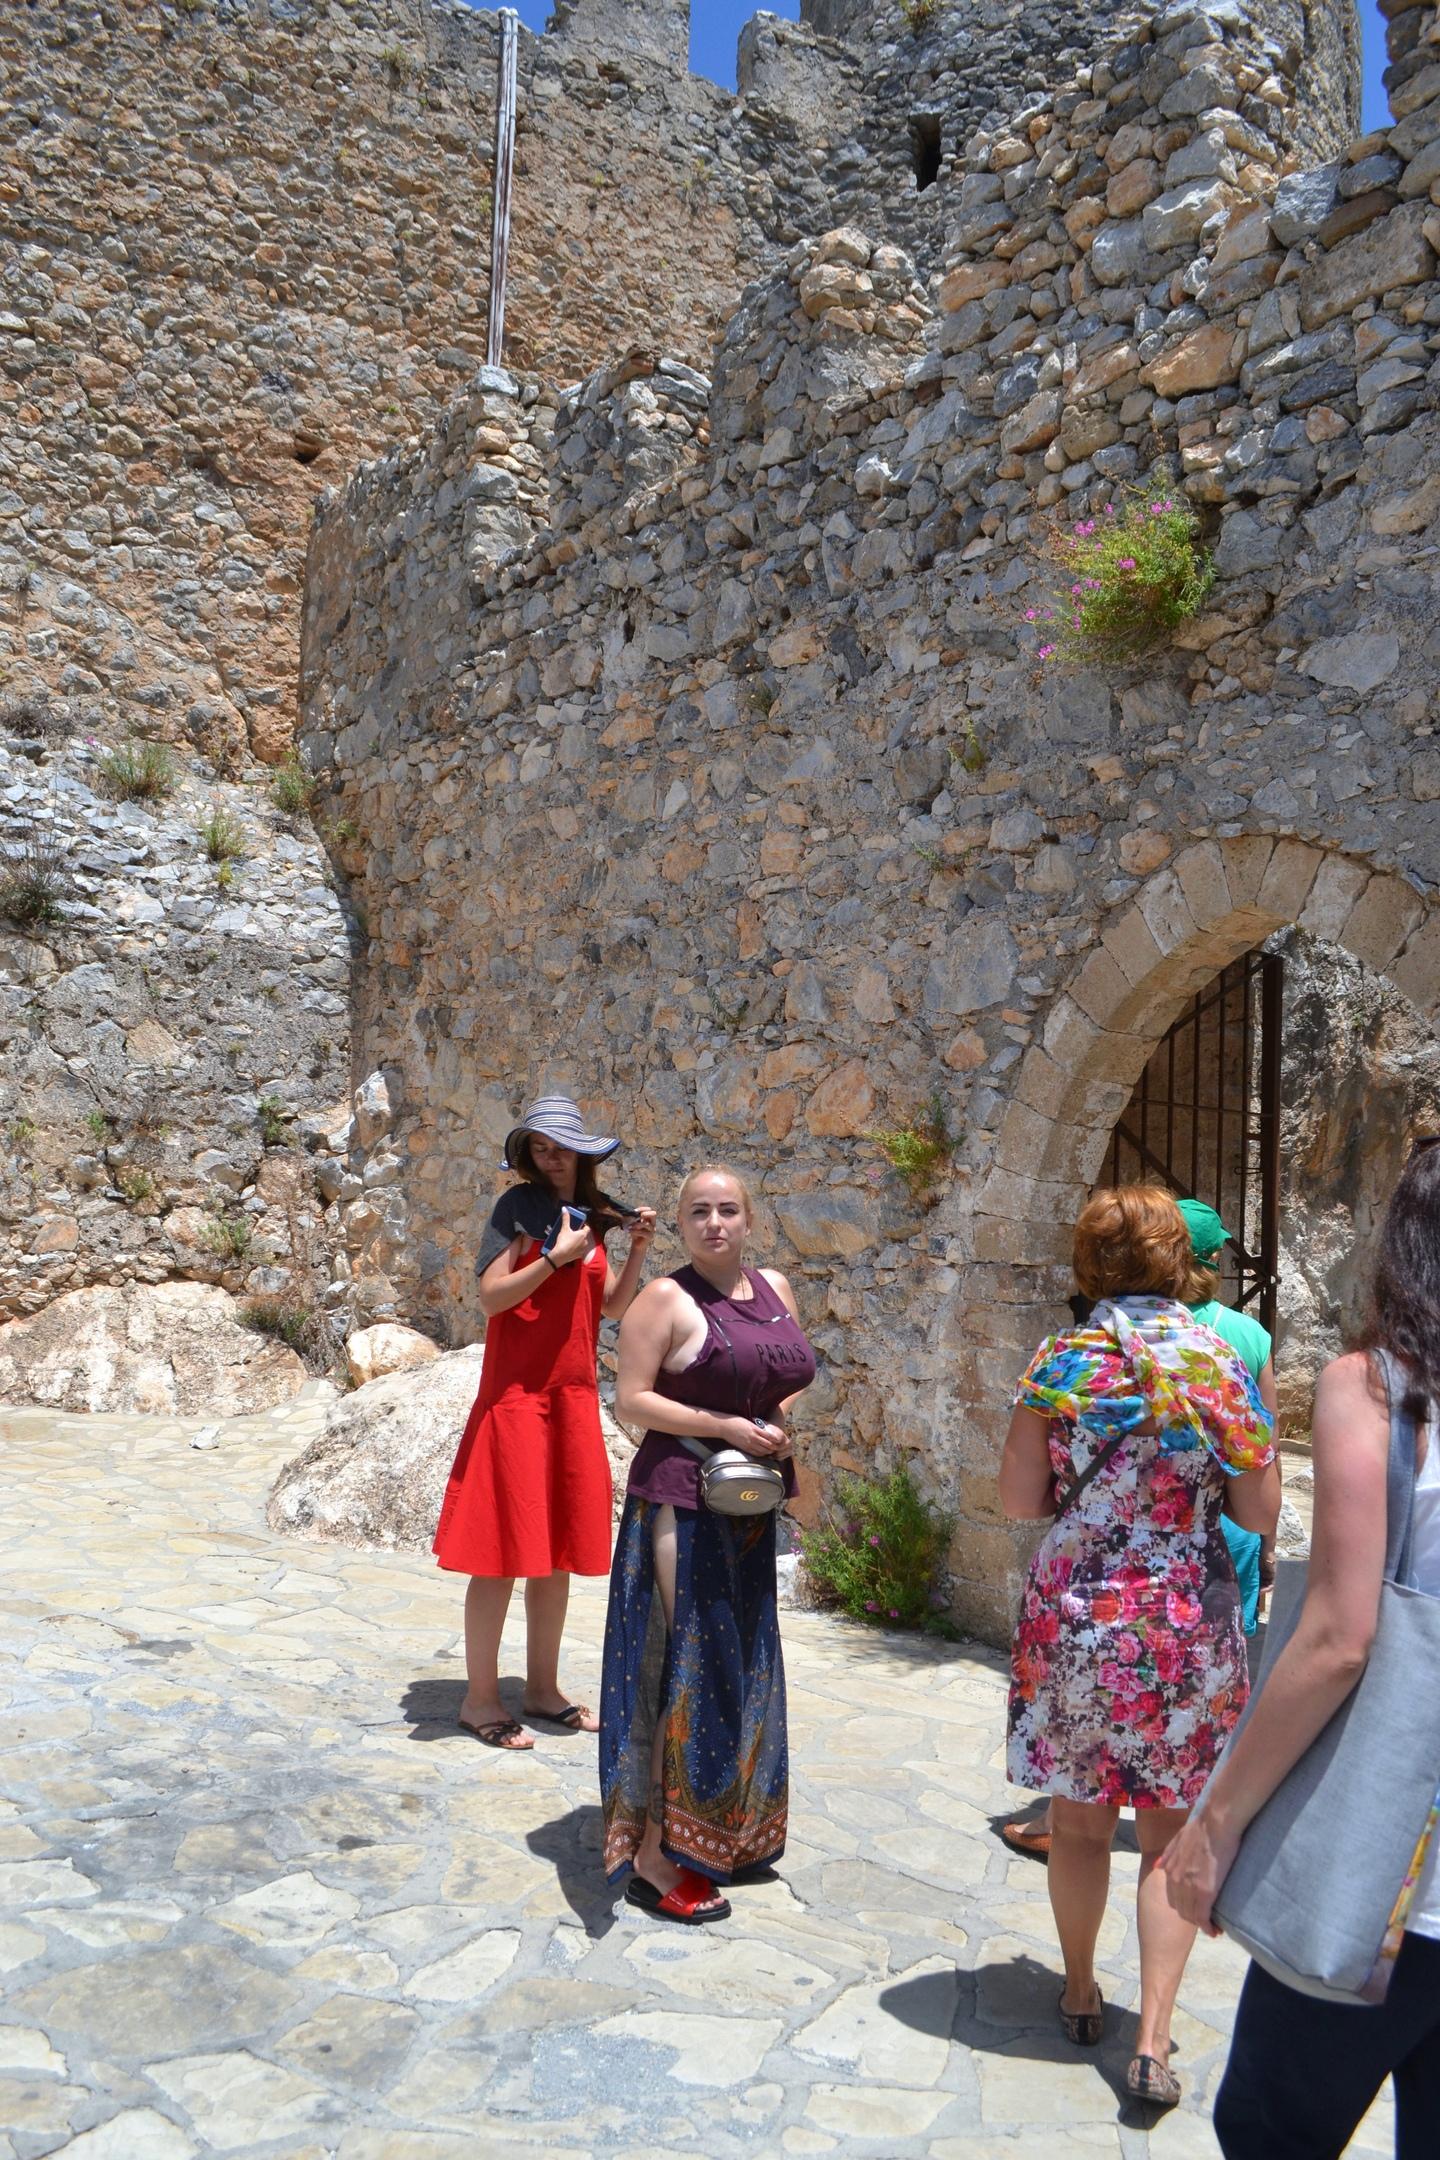 Северный Кипр. Замок Святого Иллариона. (фото). AAUpJQ3N8rs